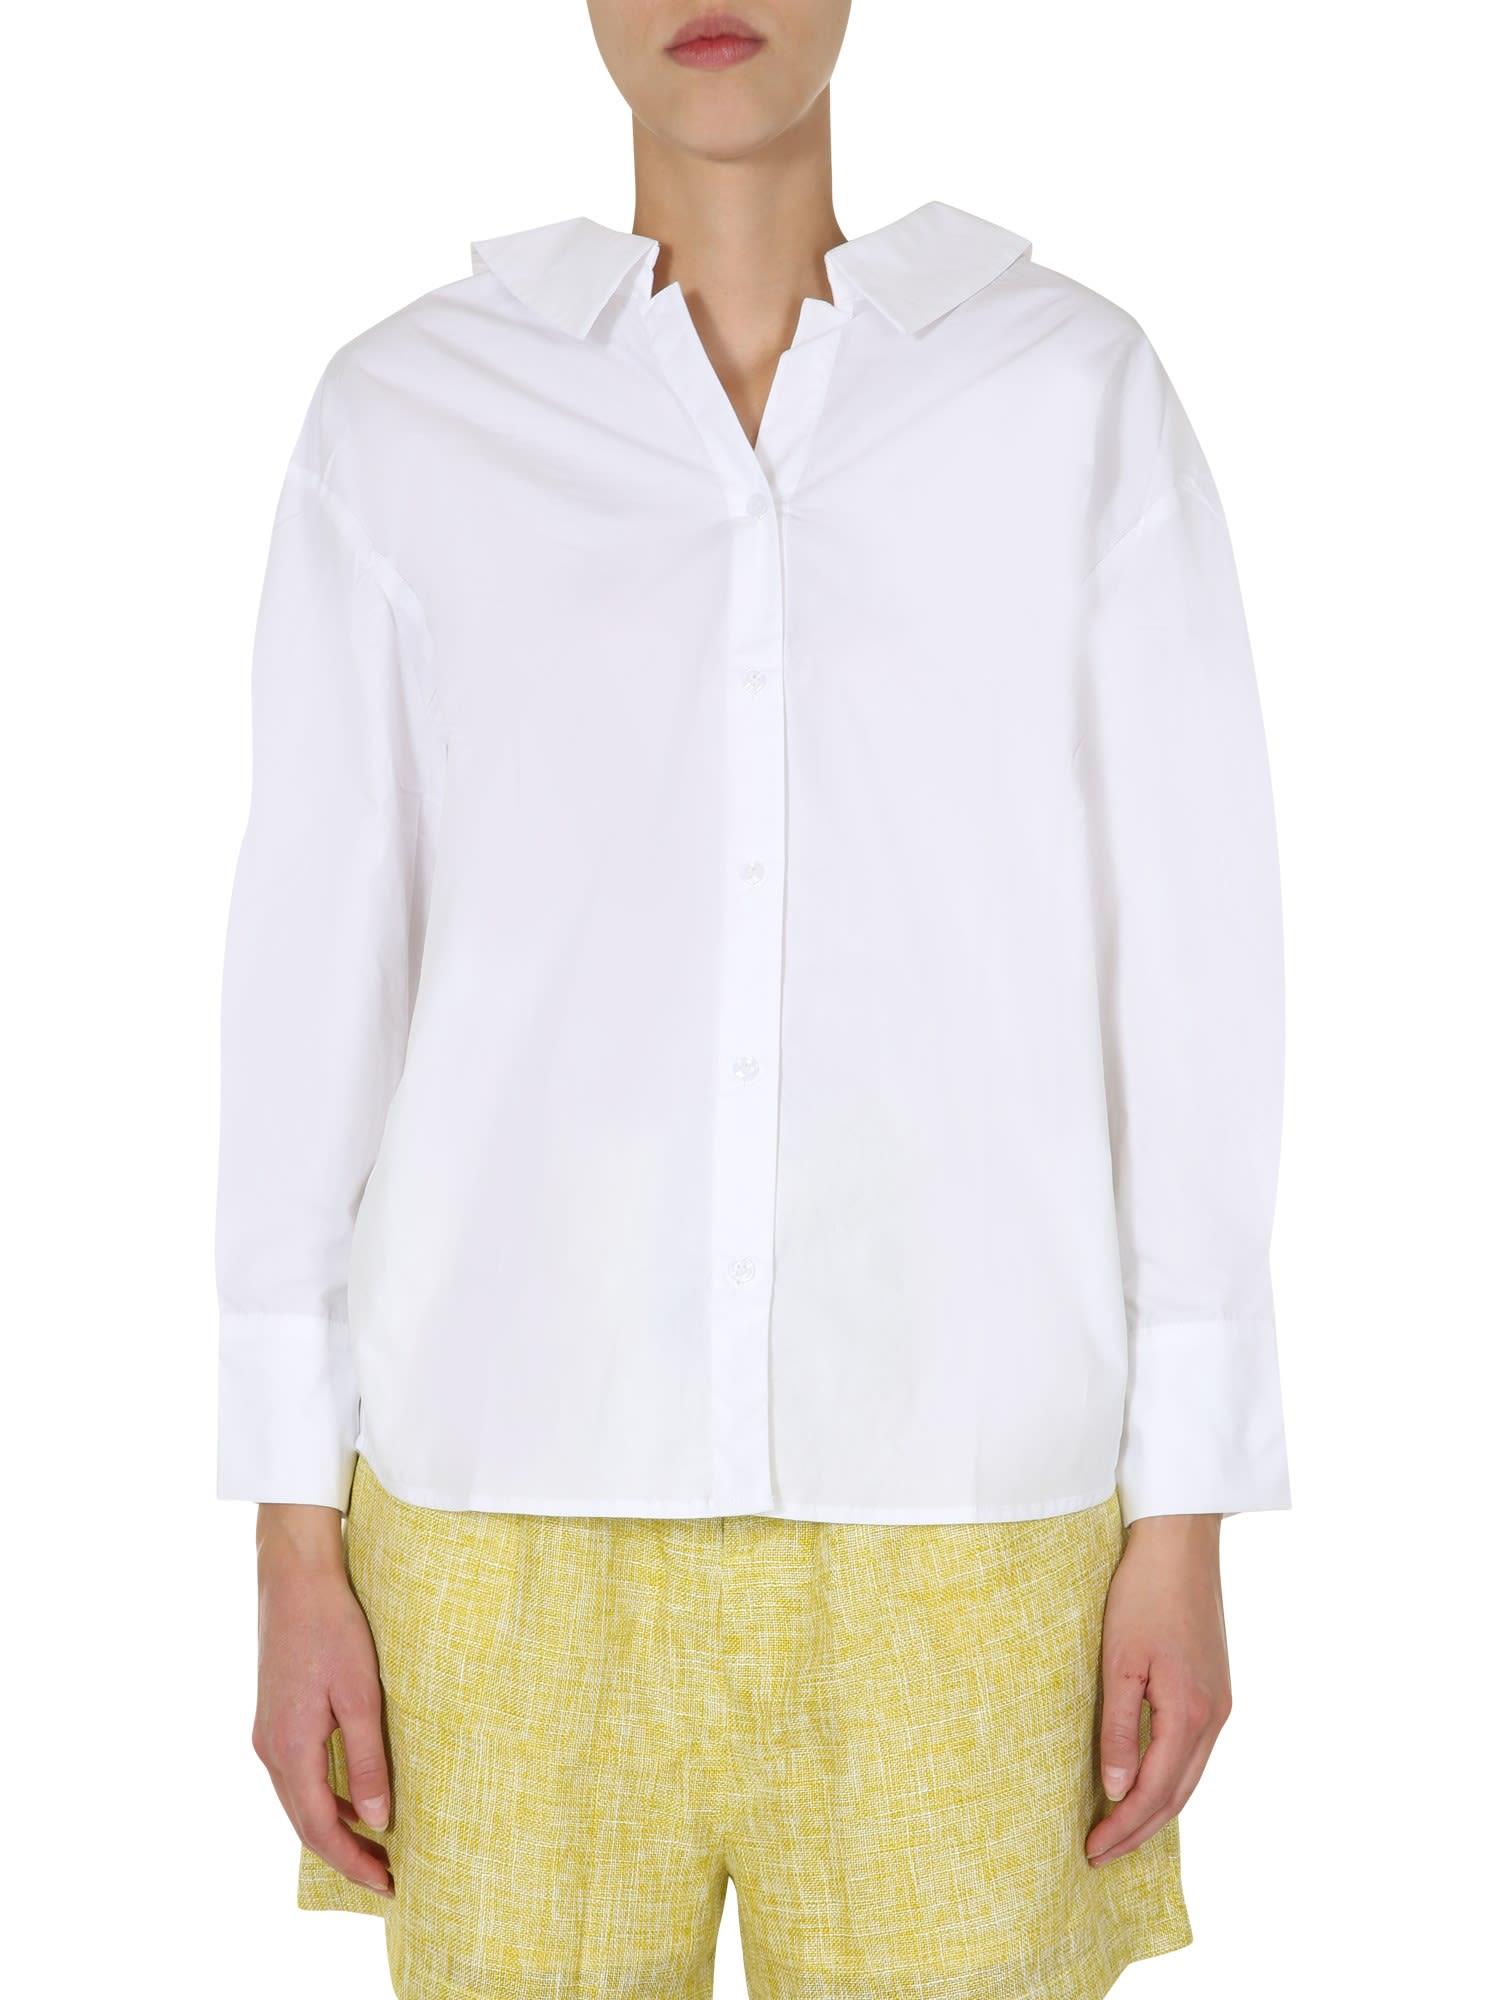 Chantilly Shirt